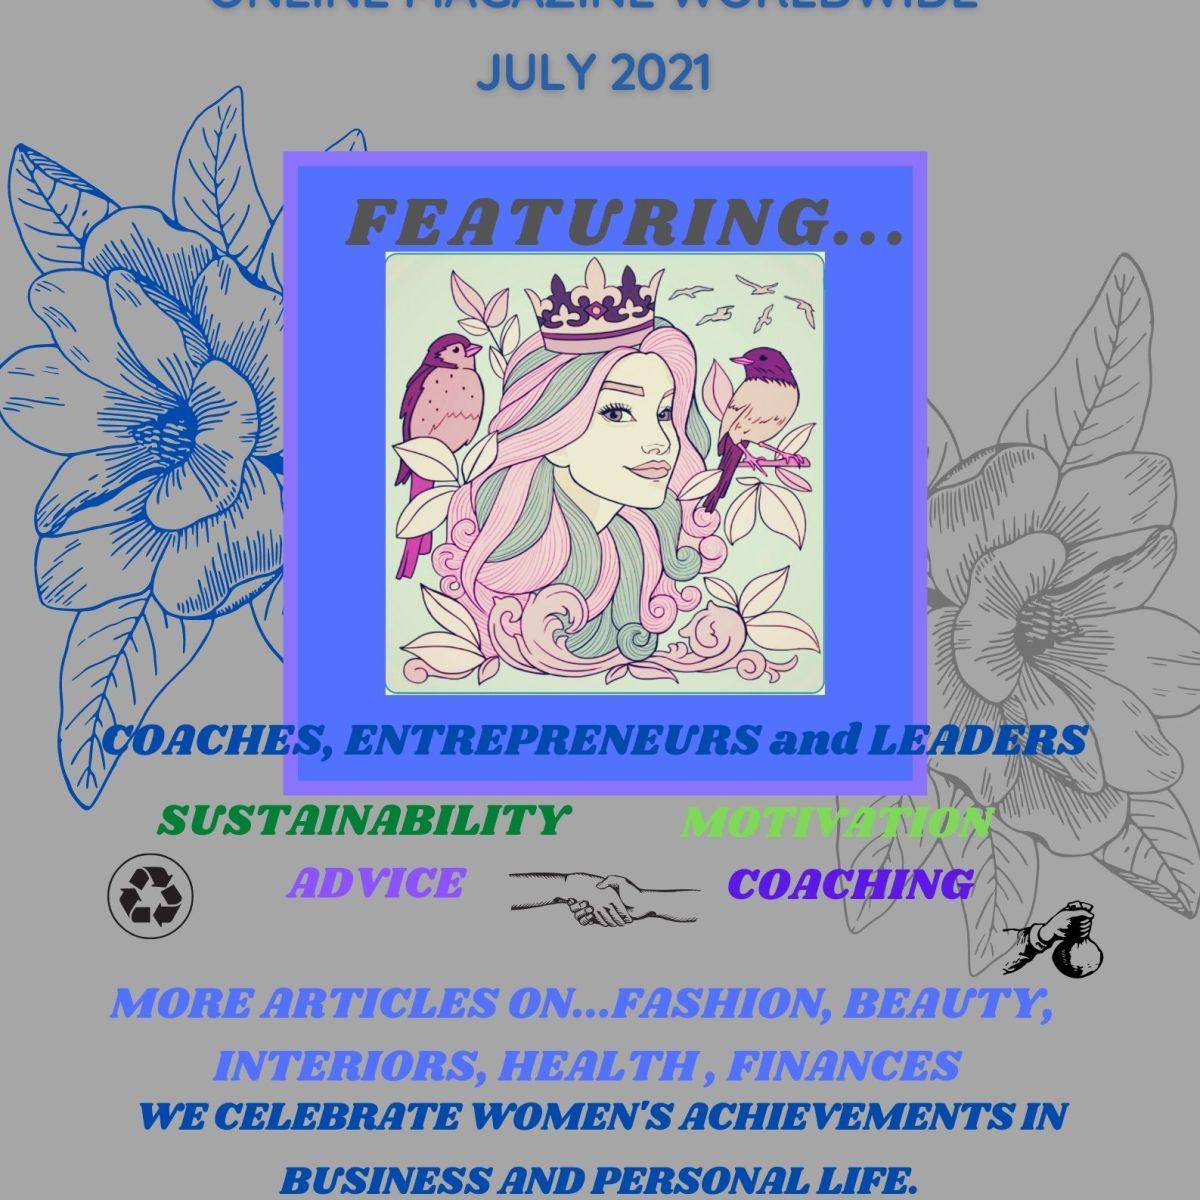 Ladies Enrichment Club Worldwide July 2021 Online Magazine